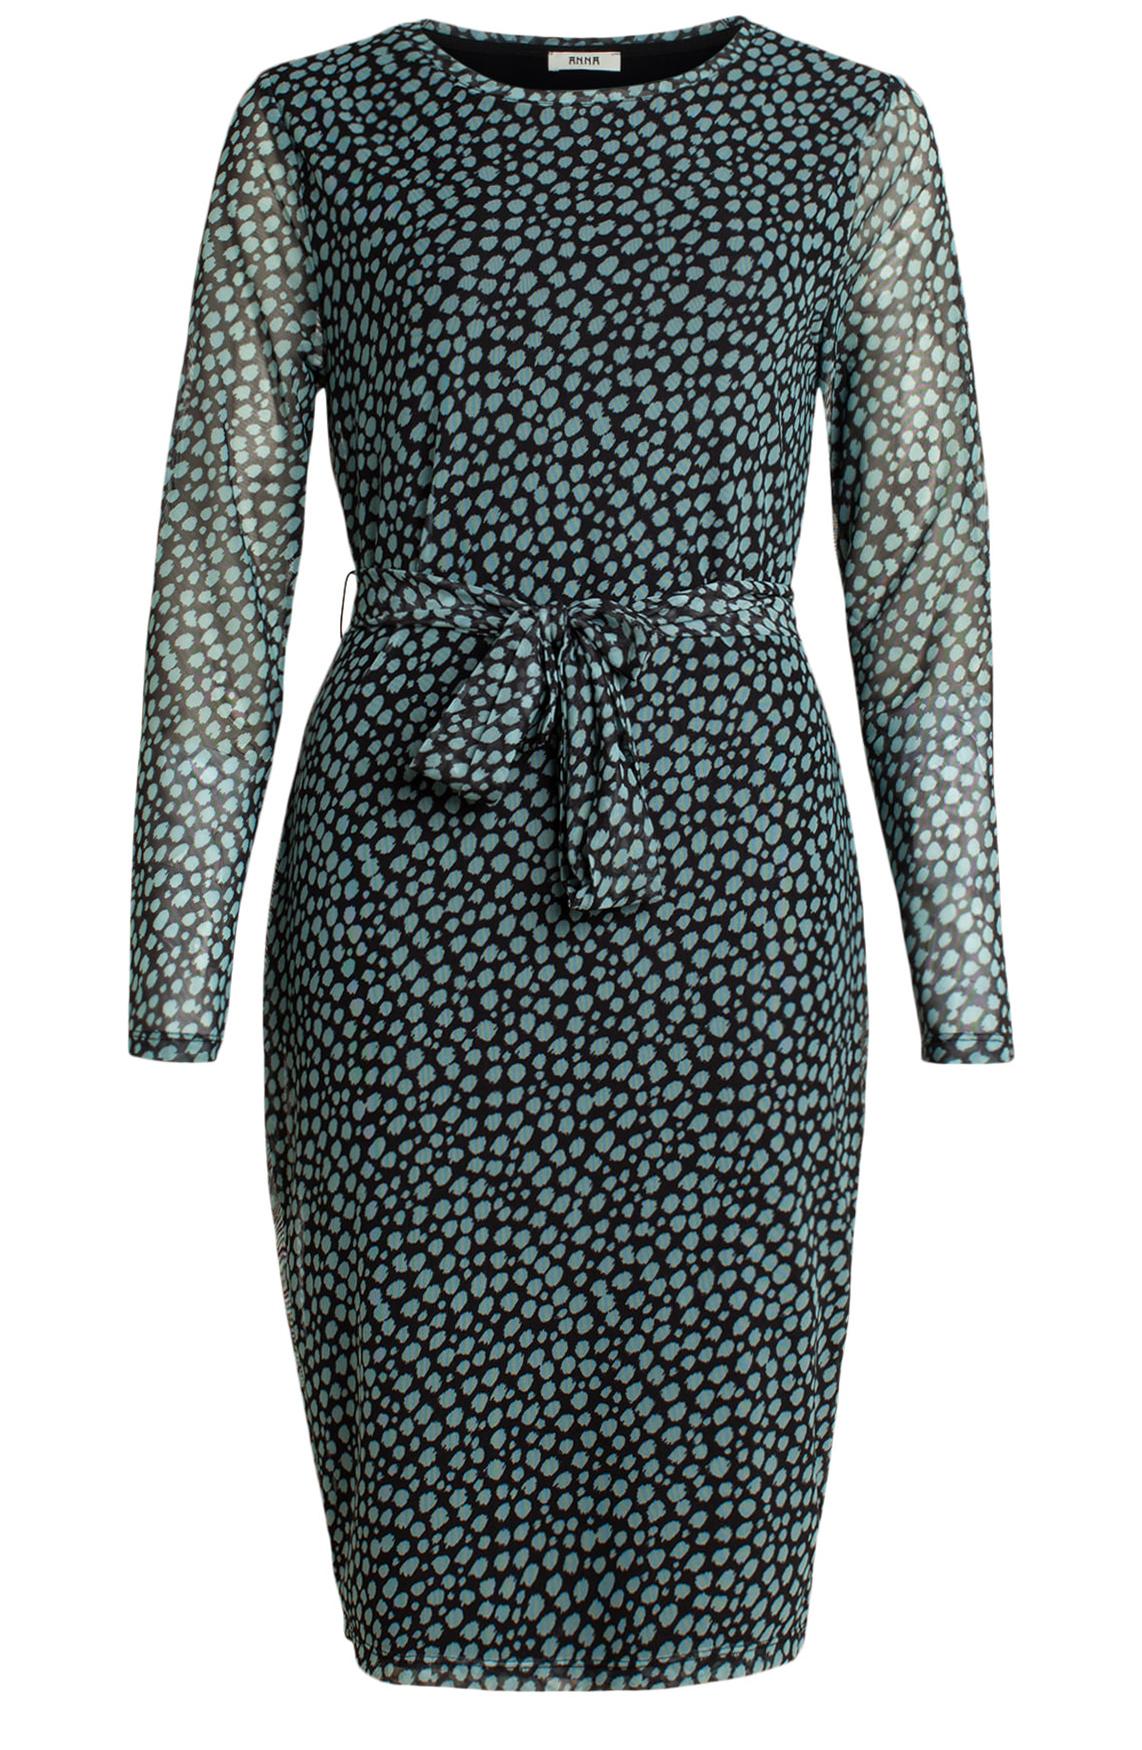 Anna Dames Mesh jurk met stippenprint groen